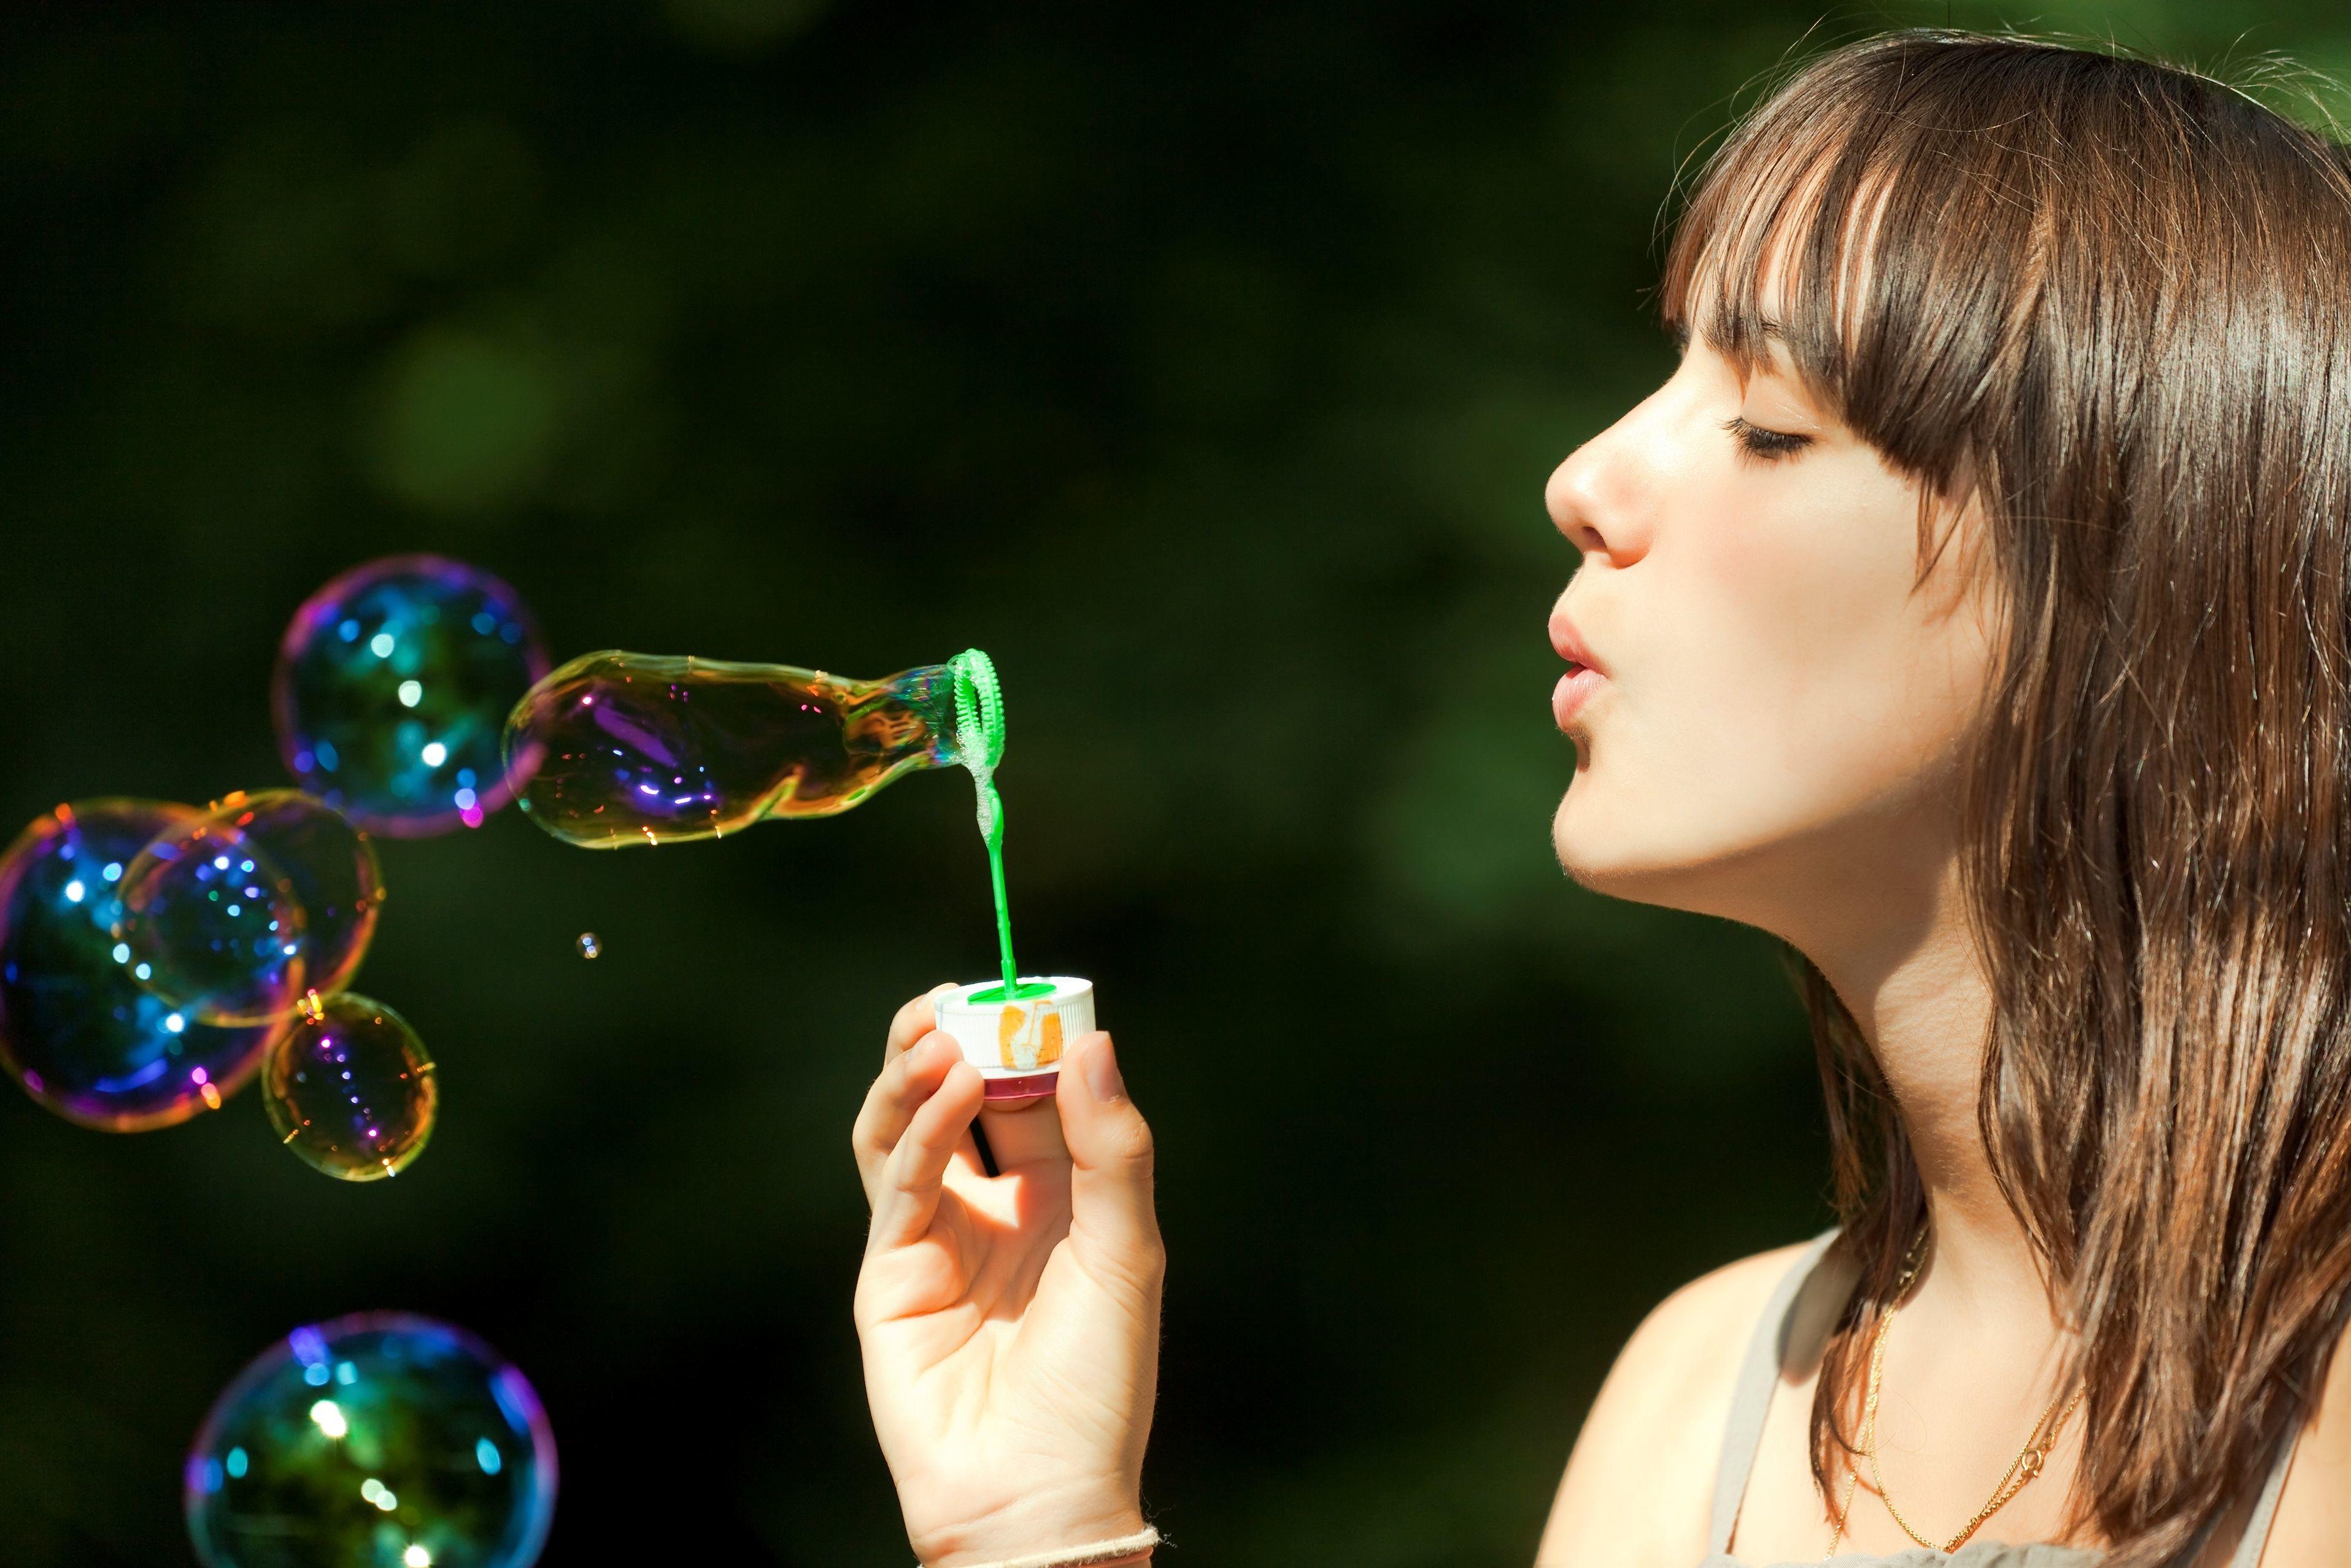 Картинка девушка и мыльные пузыри